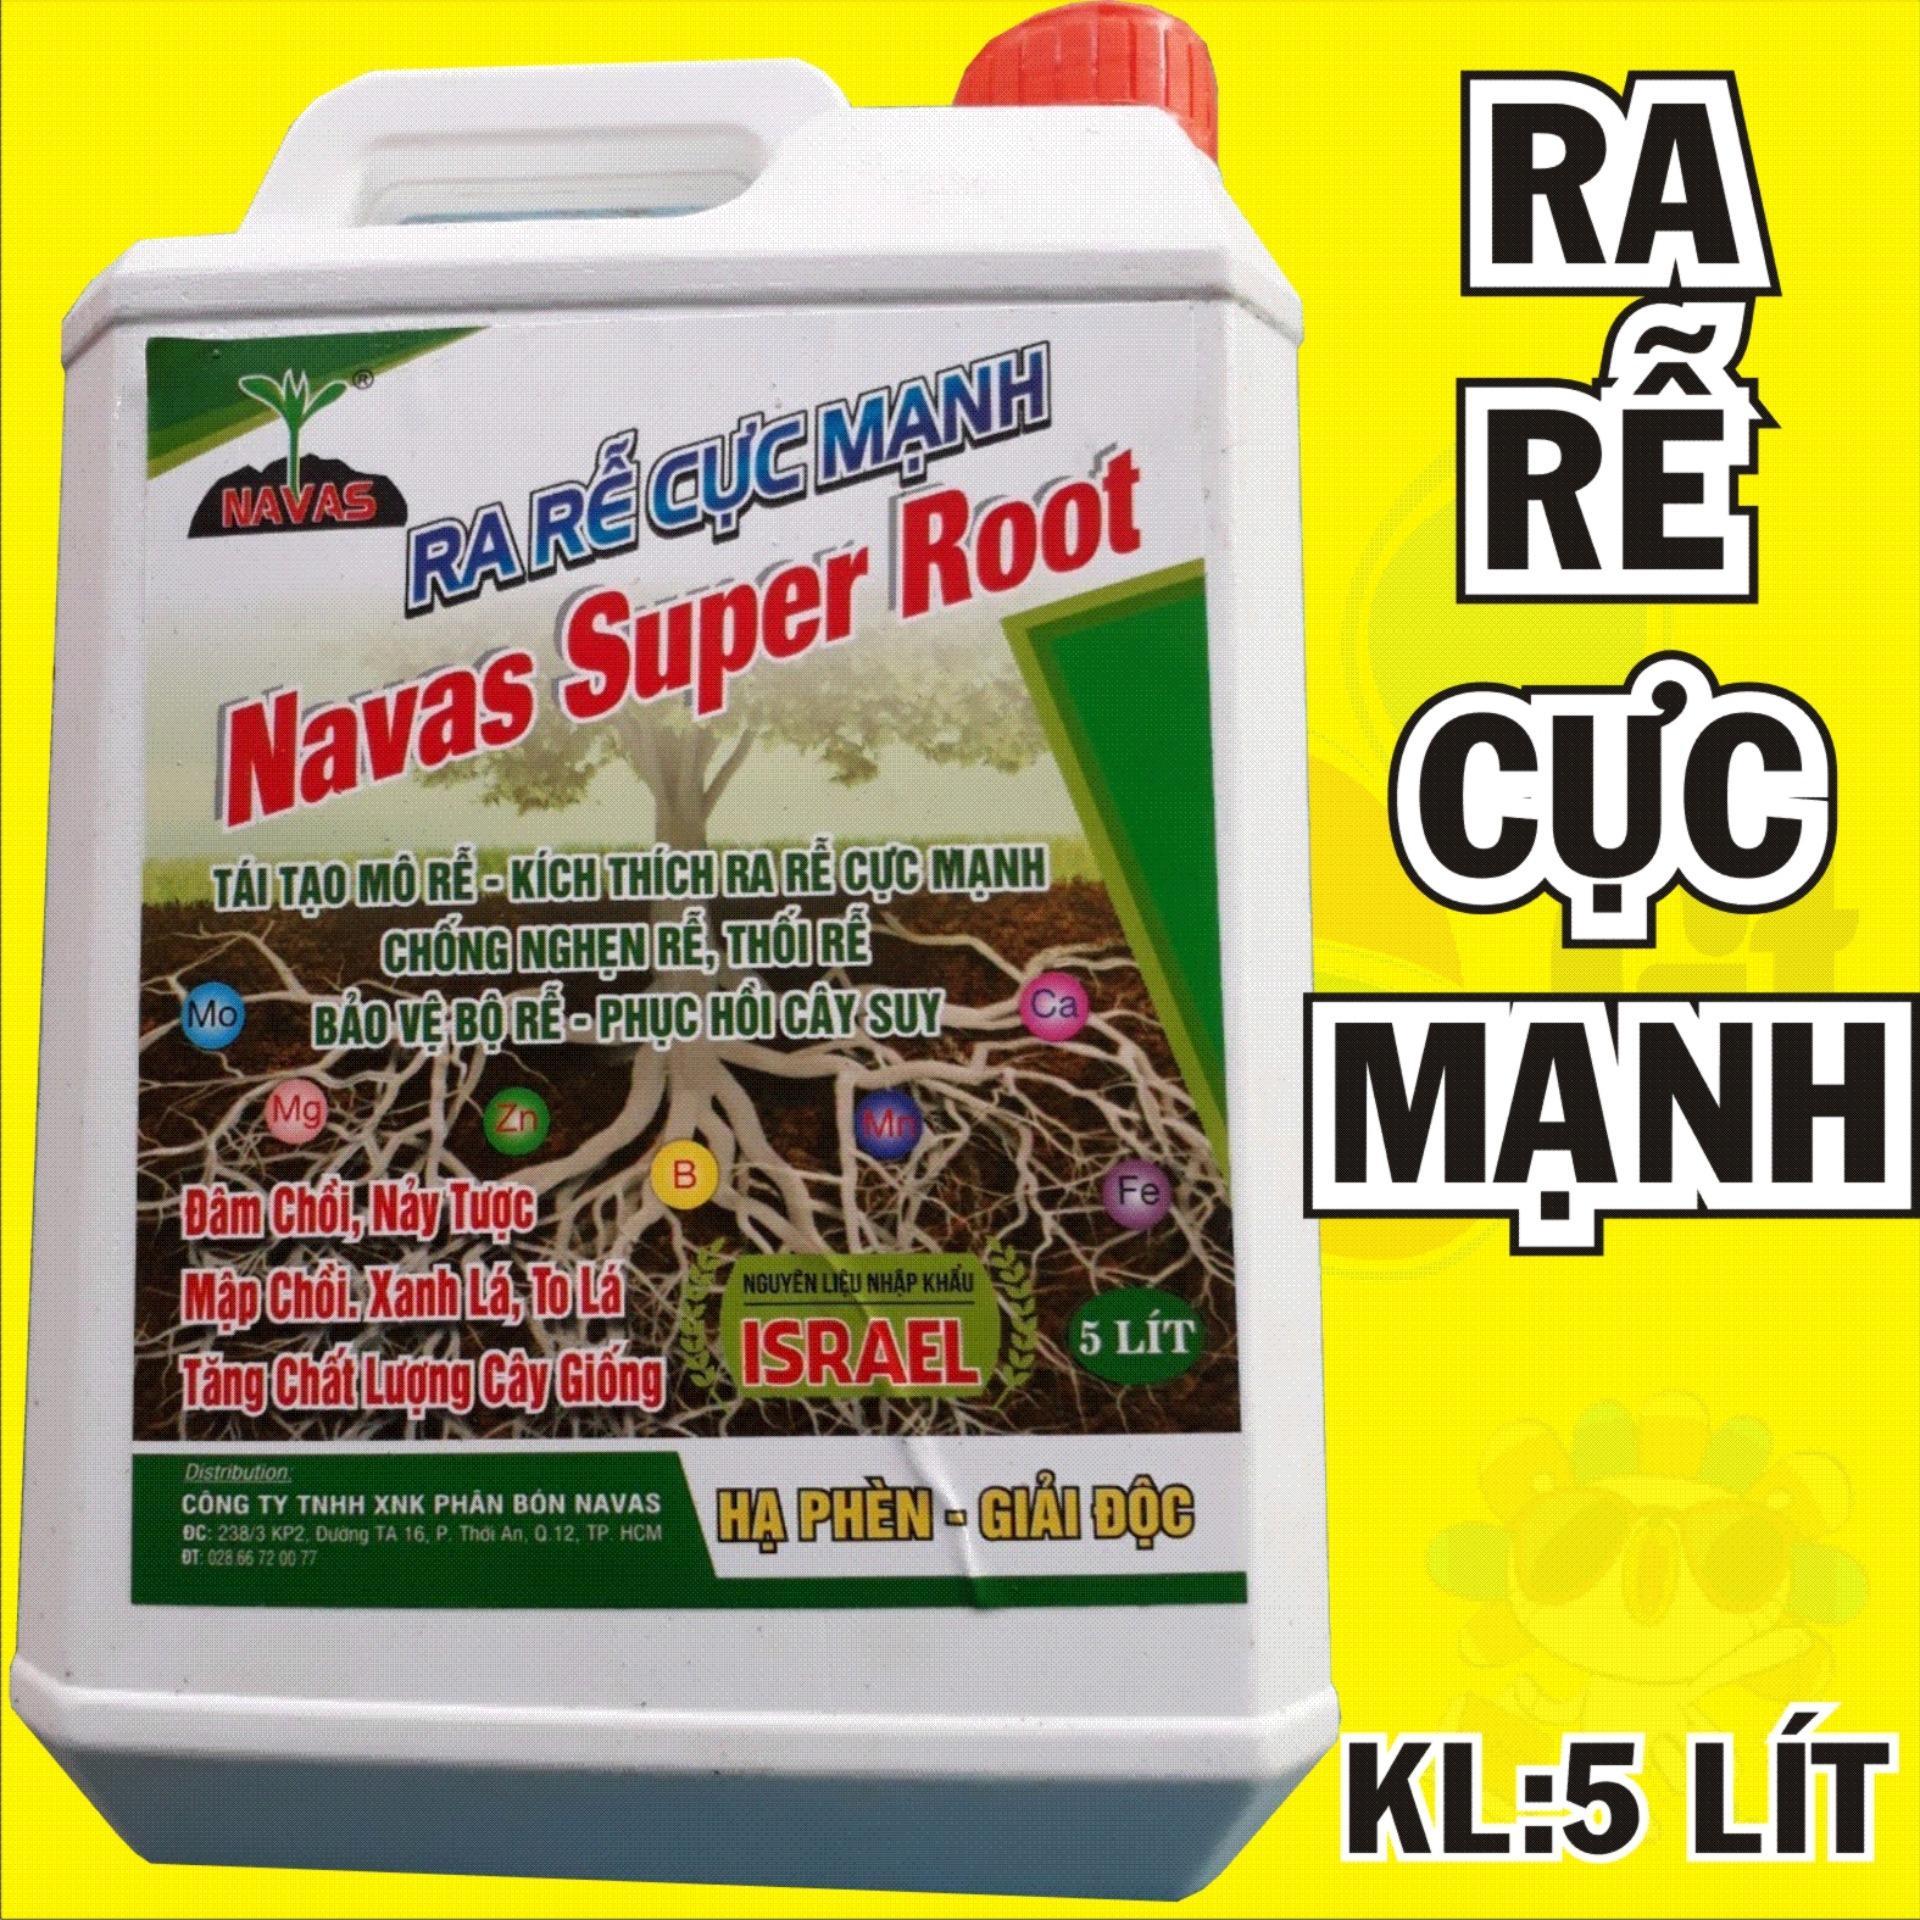 Ra rễ cực mạnh Navar super Root - đâm chồi, nảy tược, mập chồi, xanh lá - Can 5 Lít